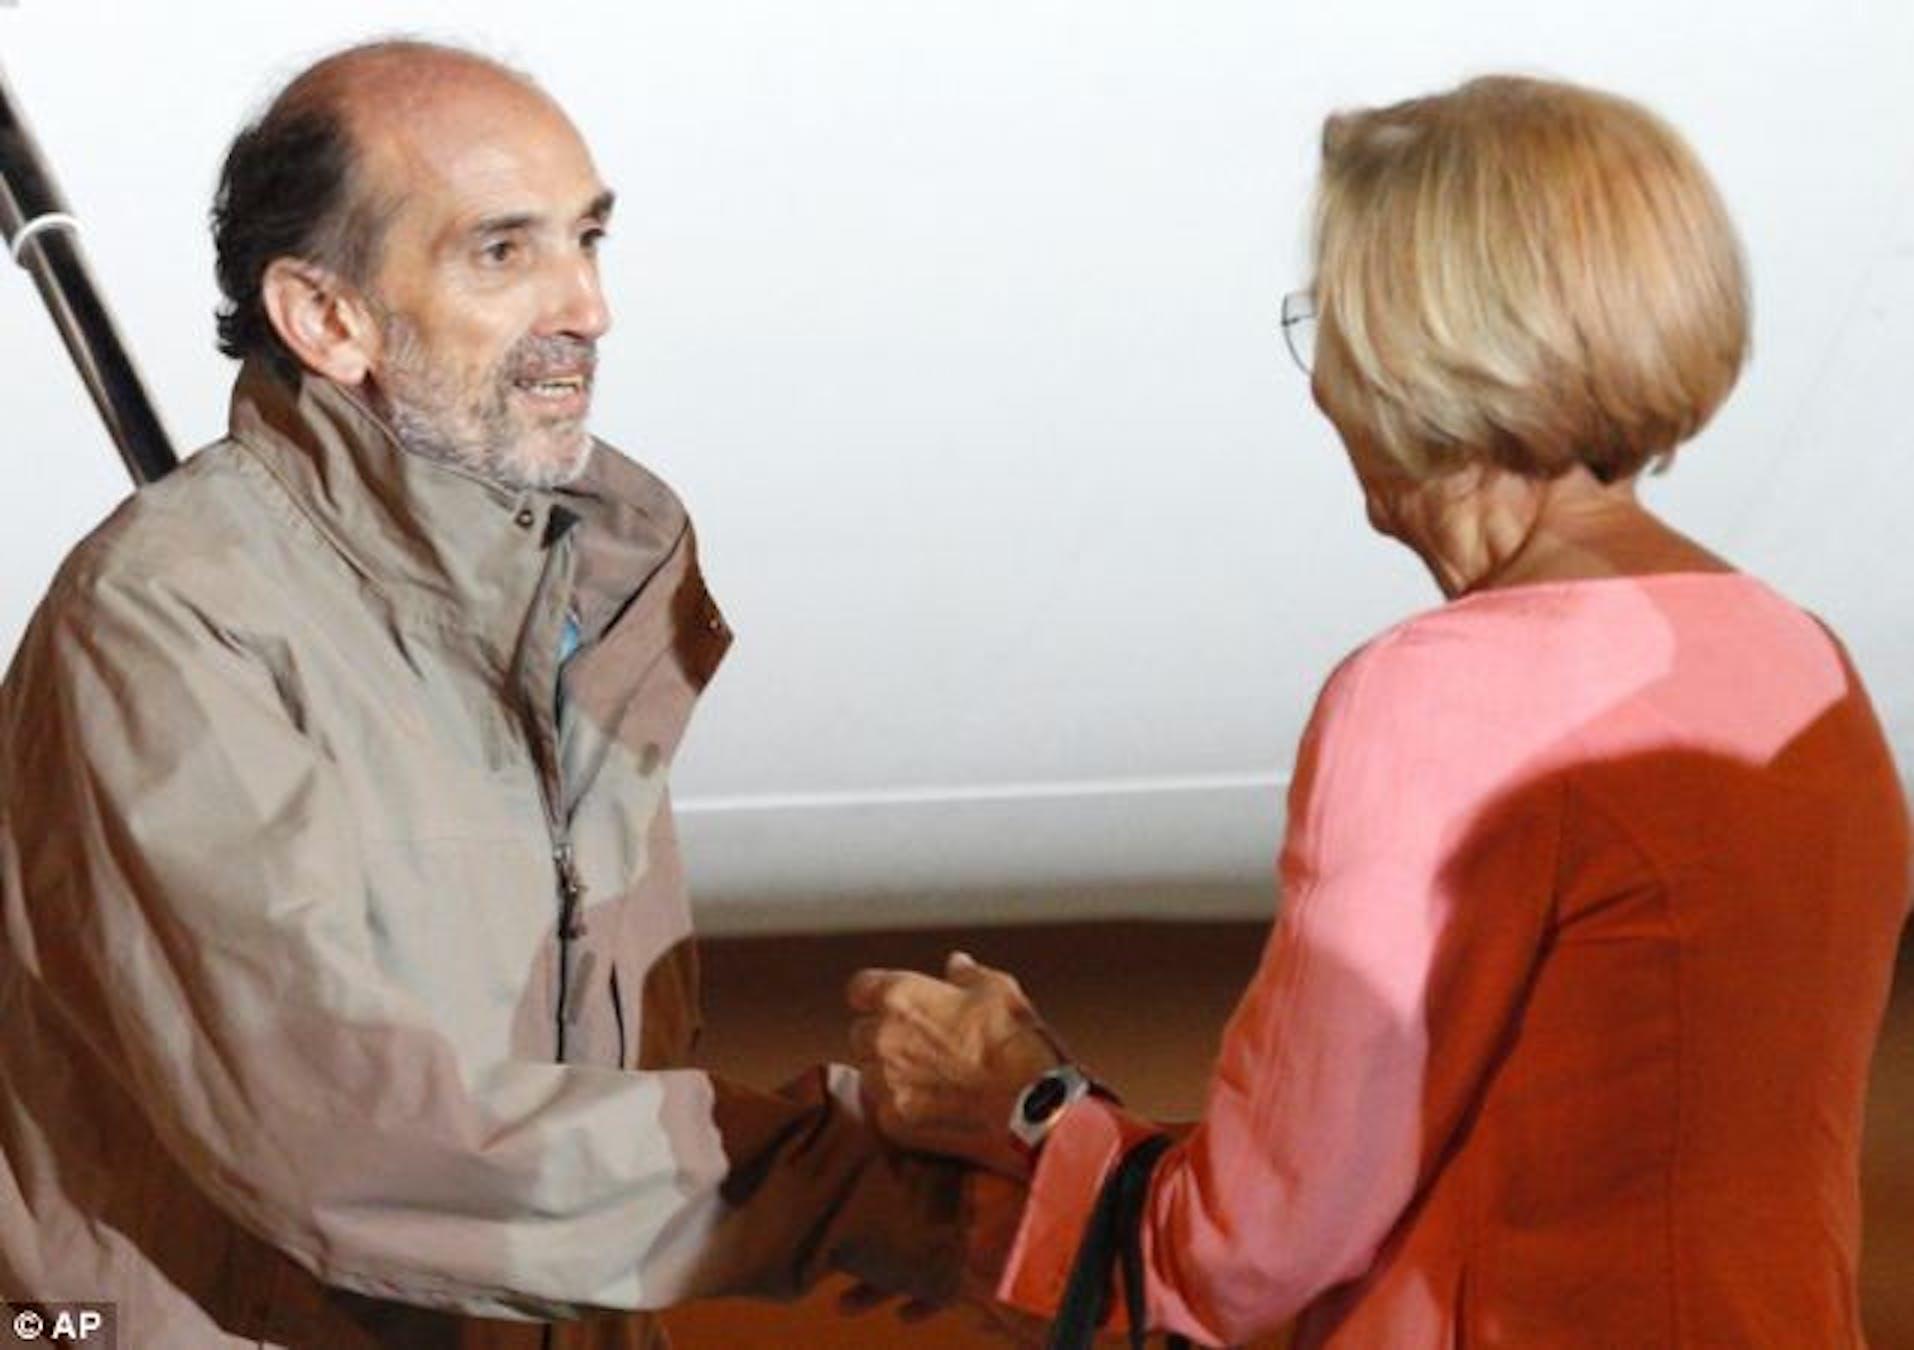 Domenico Quirico accolto dal ministro degli Esteri Emma Bonino all'arrivo all'aeroporto militare di Ciampino - ©DailyMail.co.uk